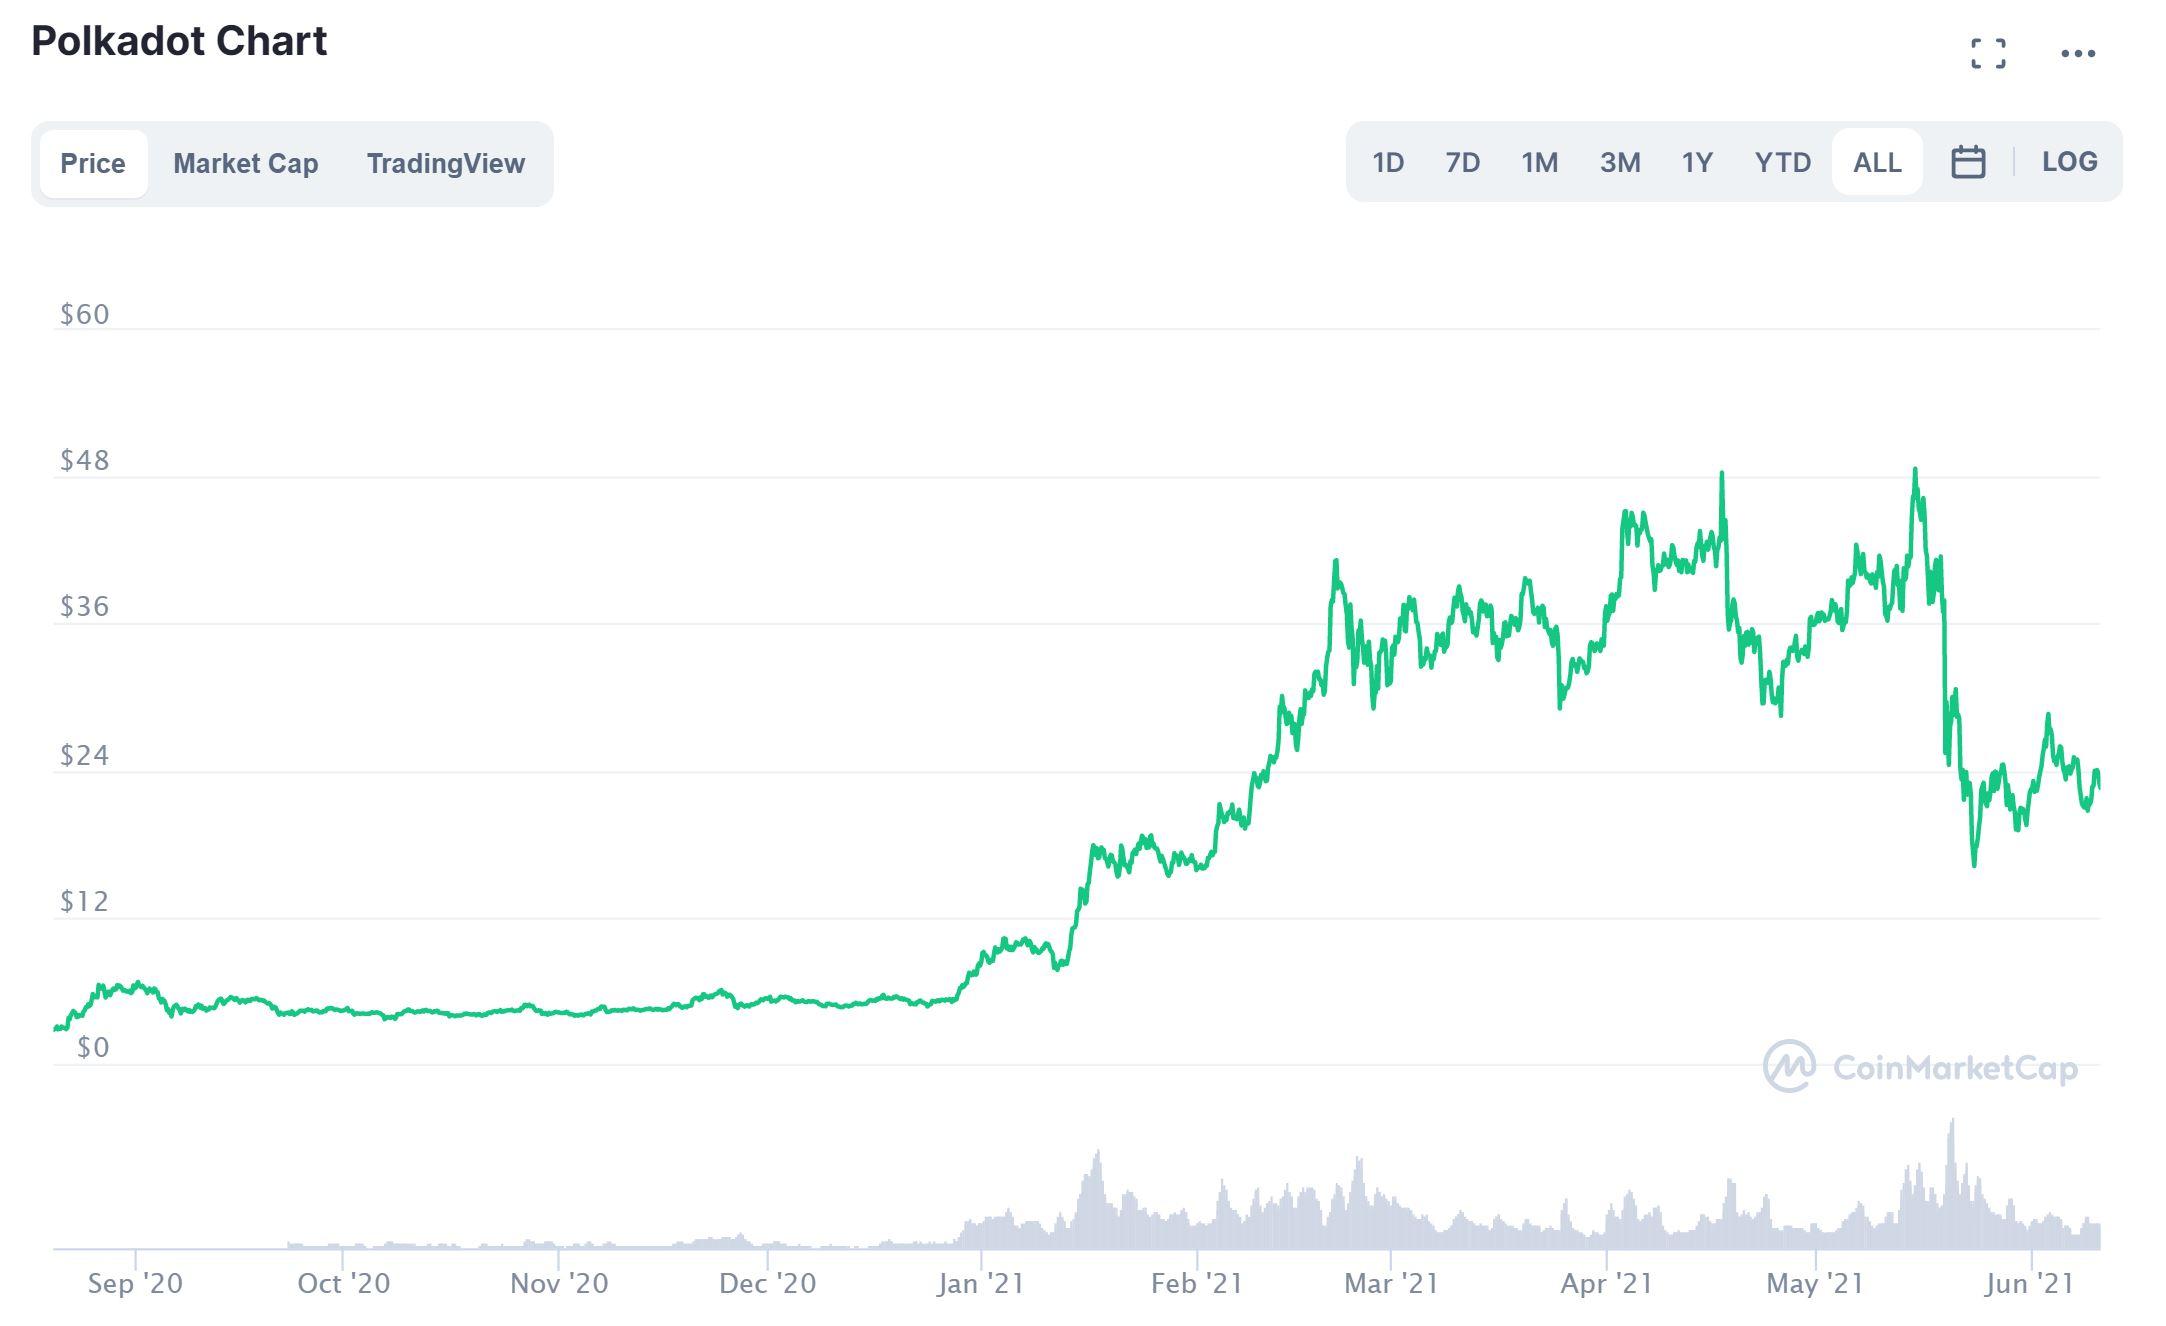 График цен Polkadot CoinMarketCap